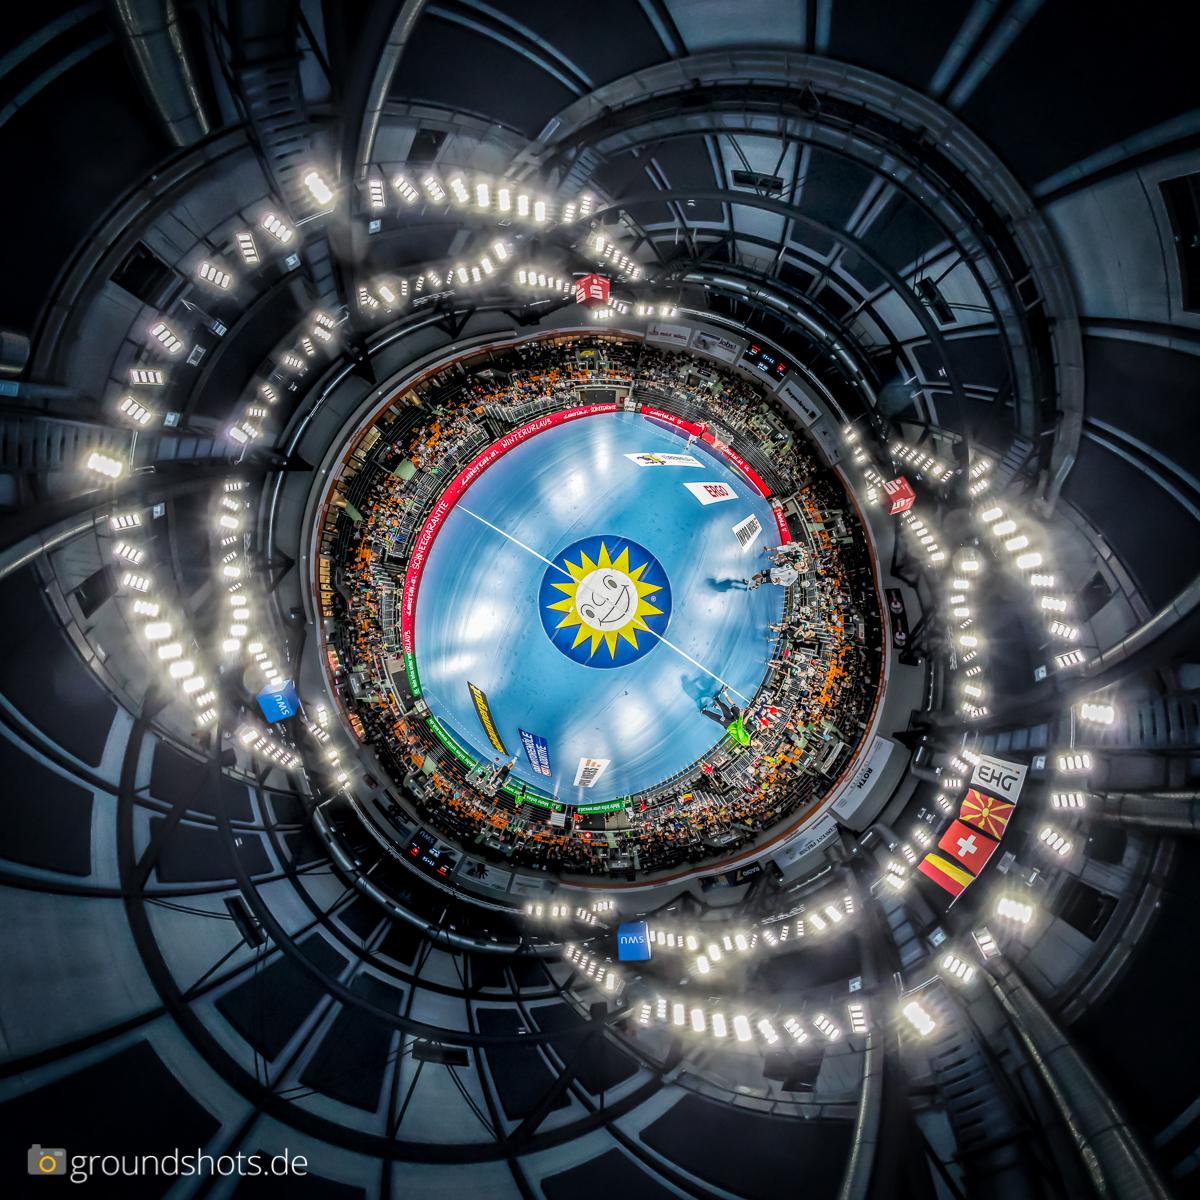 Little Planet beim Laenderspiel Deutschland - Schweiz in der Ratiopharm Arena